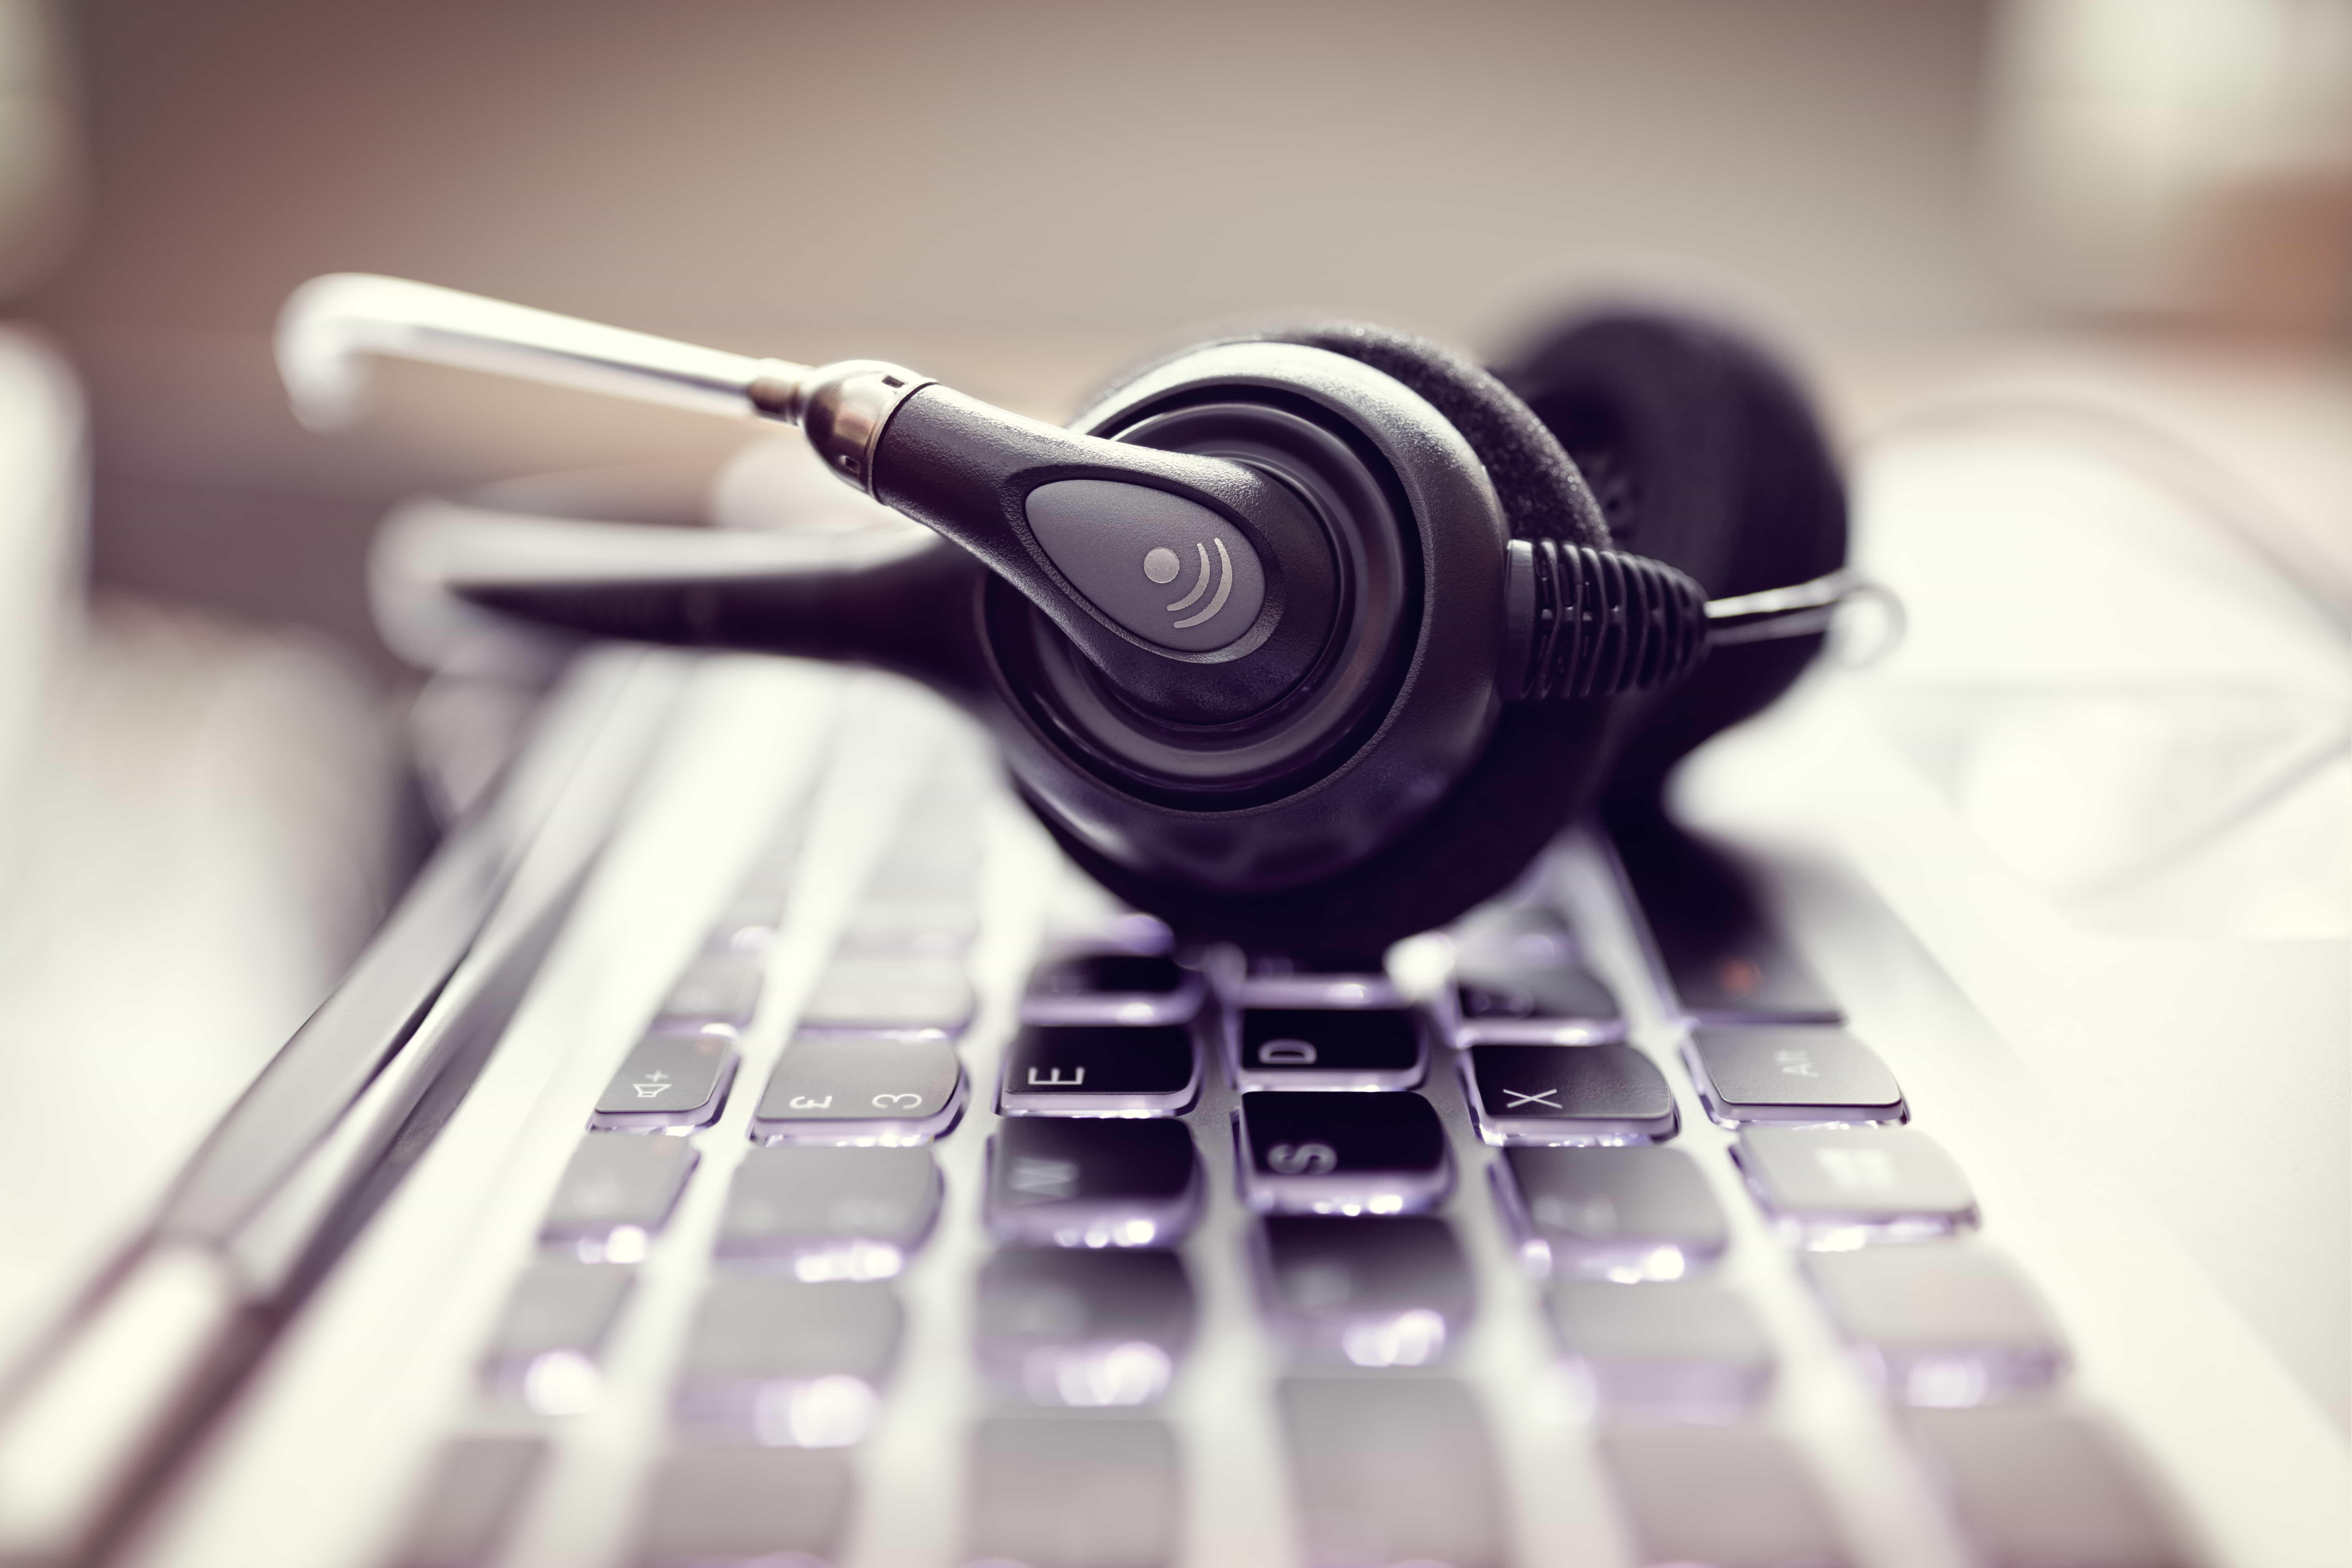 Support telefonische ondersteuning